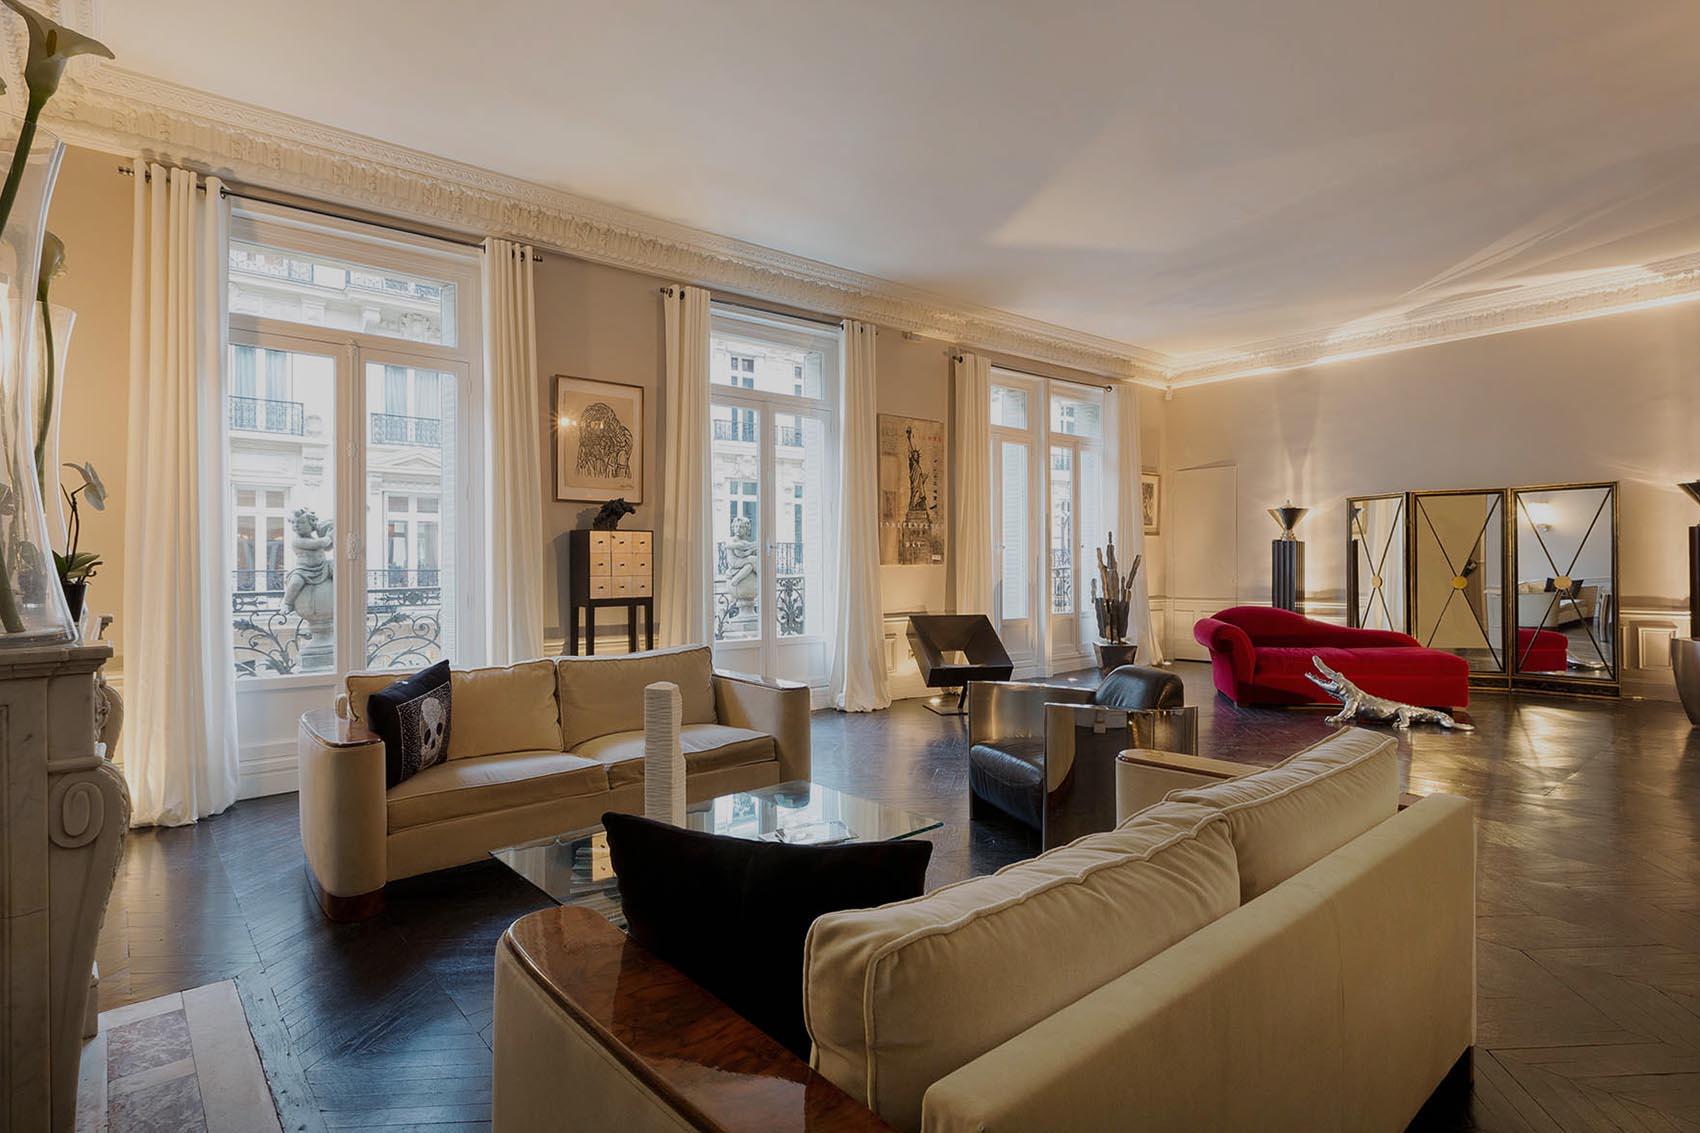 Paris v nement location de salle for Location hotel a paris